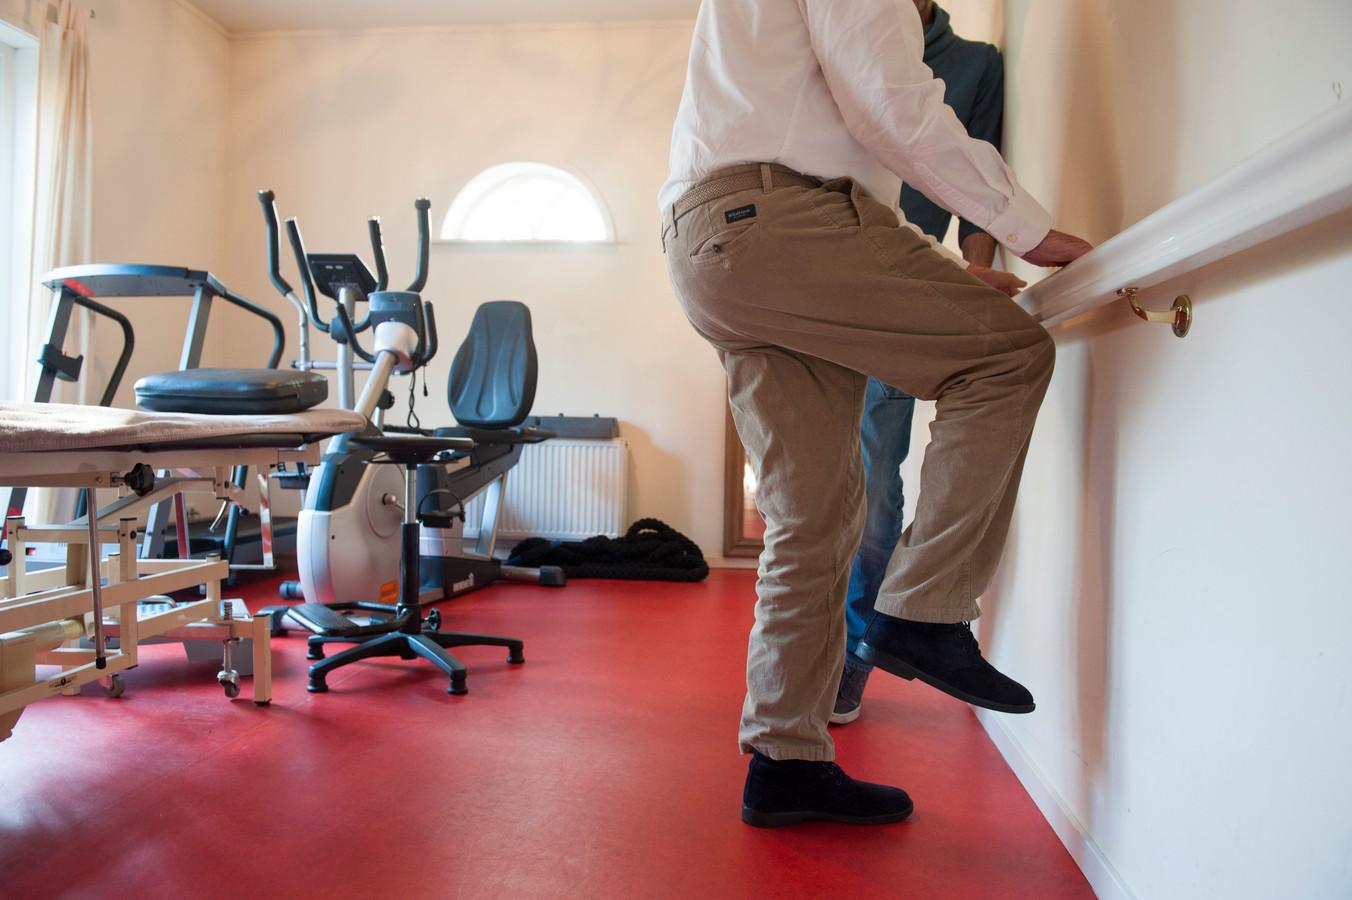 Met speciale trainingen moeten ouderen in Almelo meer kracht krijgen, zodat ze zich thuis beter kunnen redden.